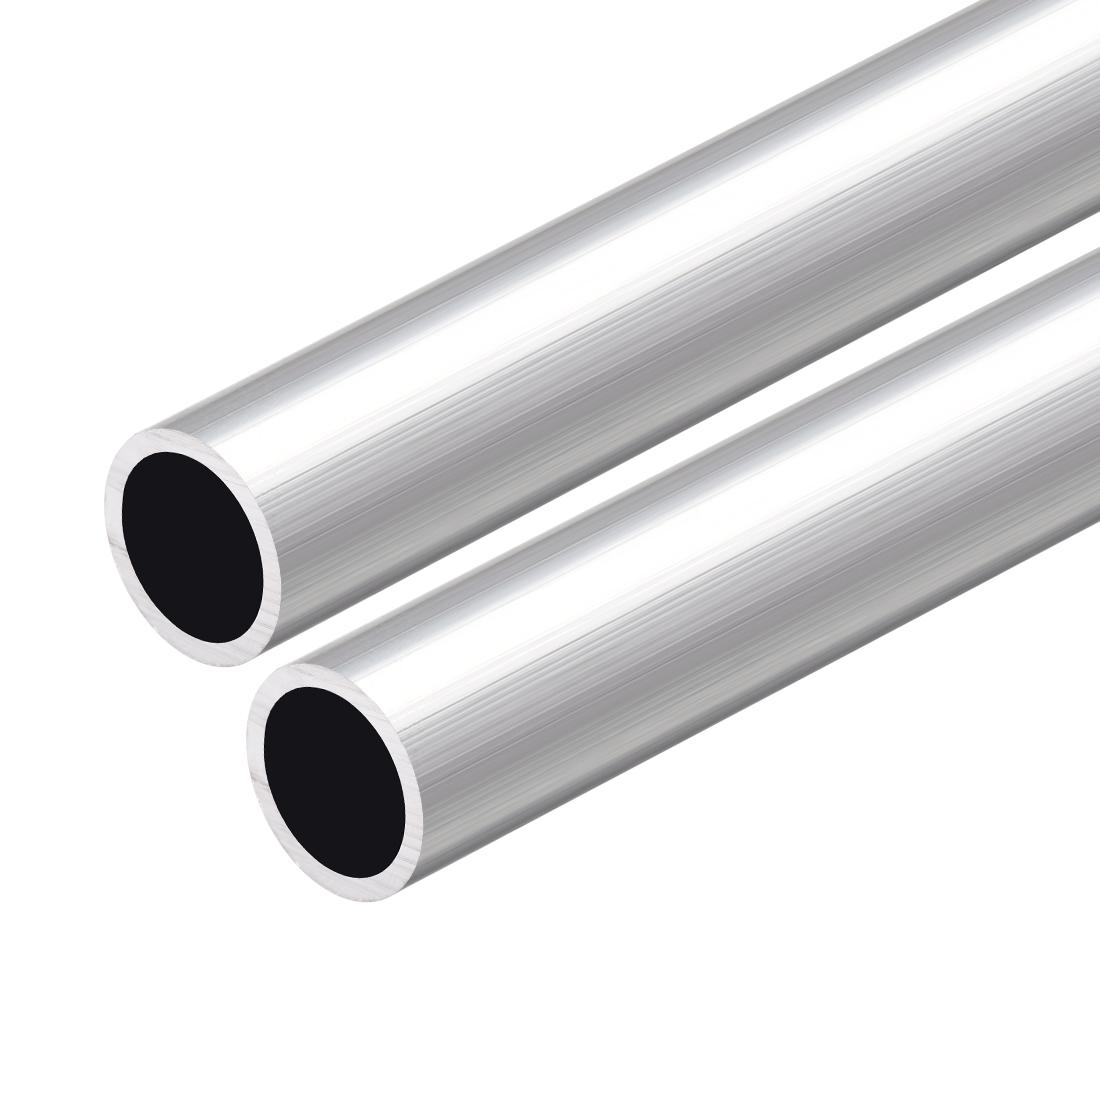 6063 Aluminum Round Tube 300mm Length 19mm OD 16mm Inner Dia Seamless Tube 2Pcs